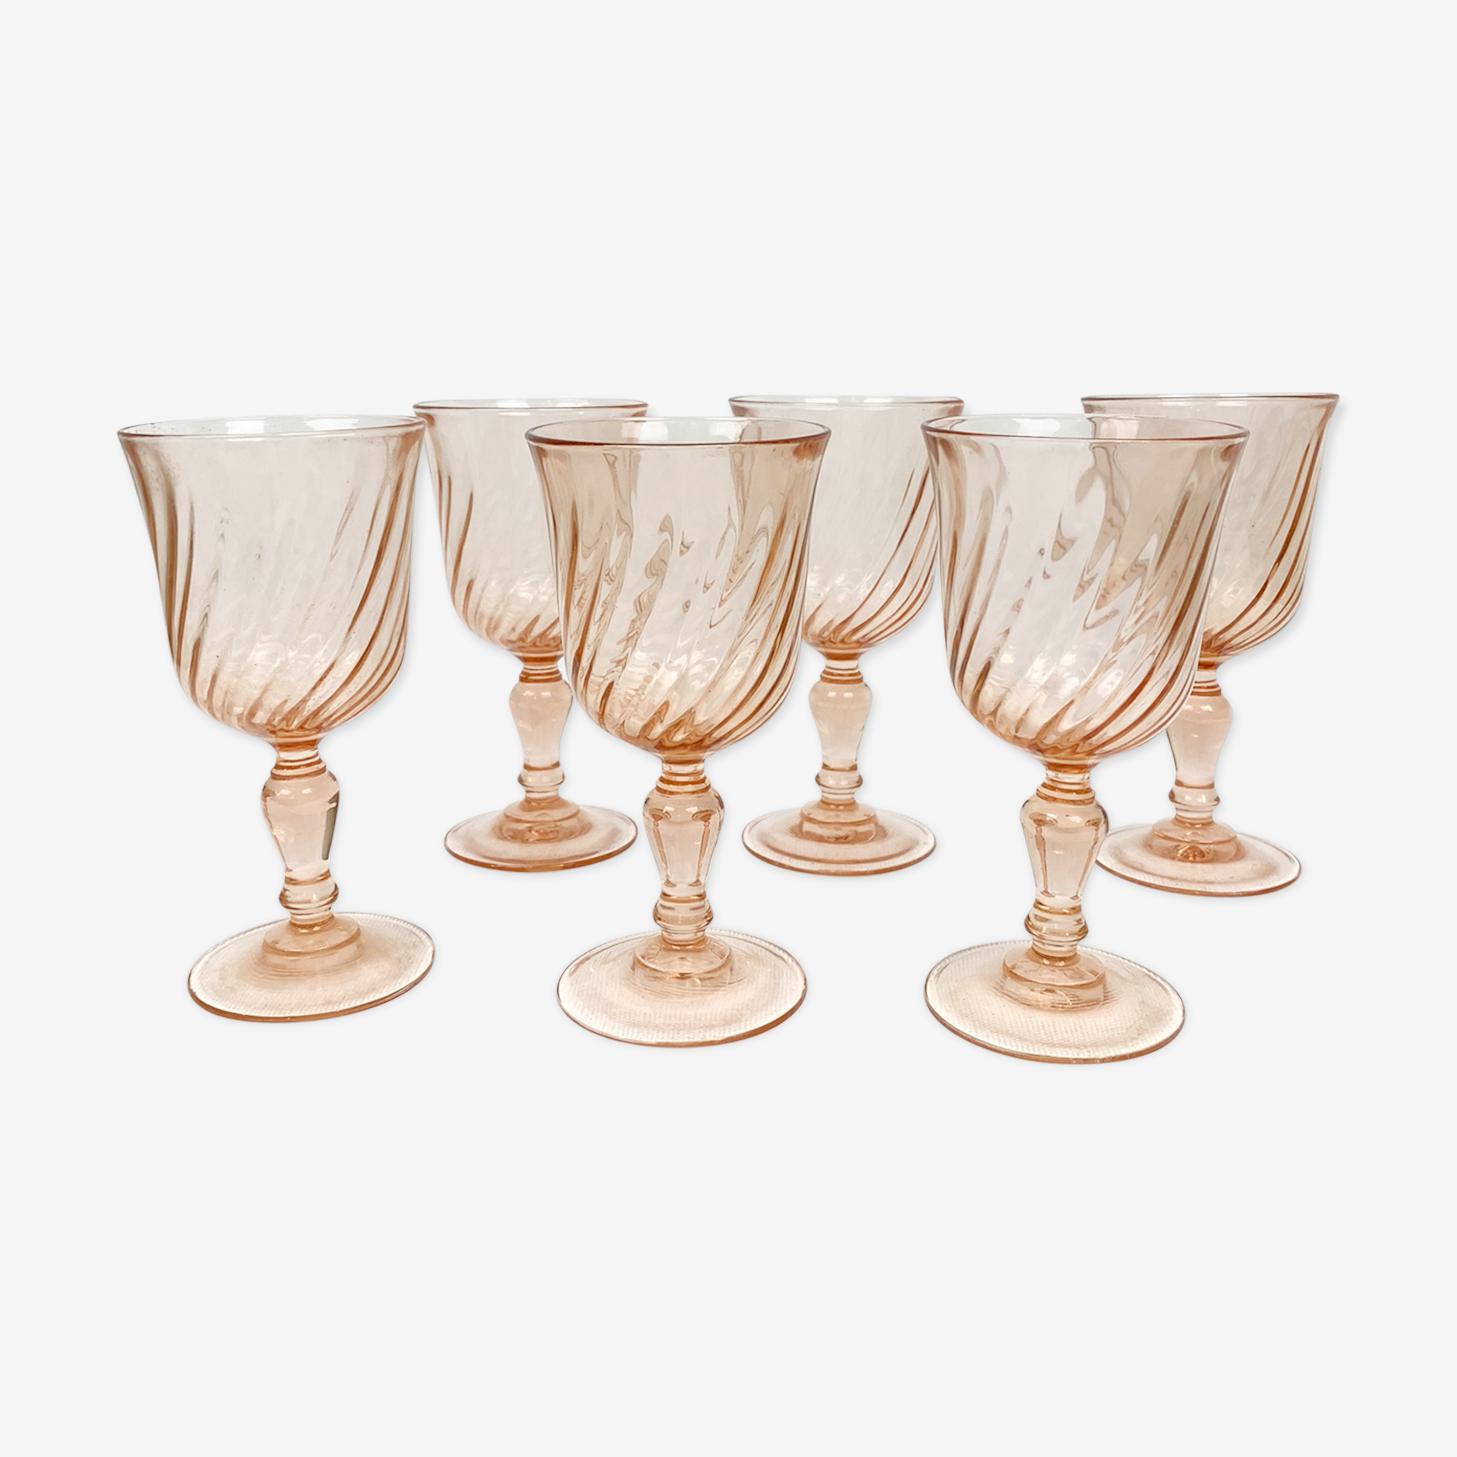 Lot of 6 shot glasses Rosaline Arcoroc walk